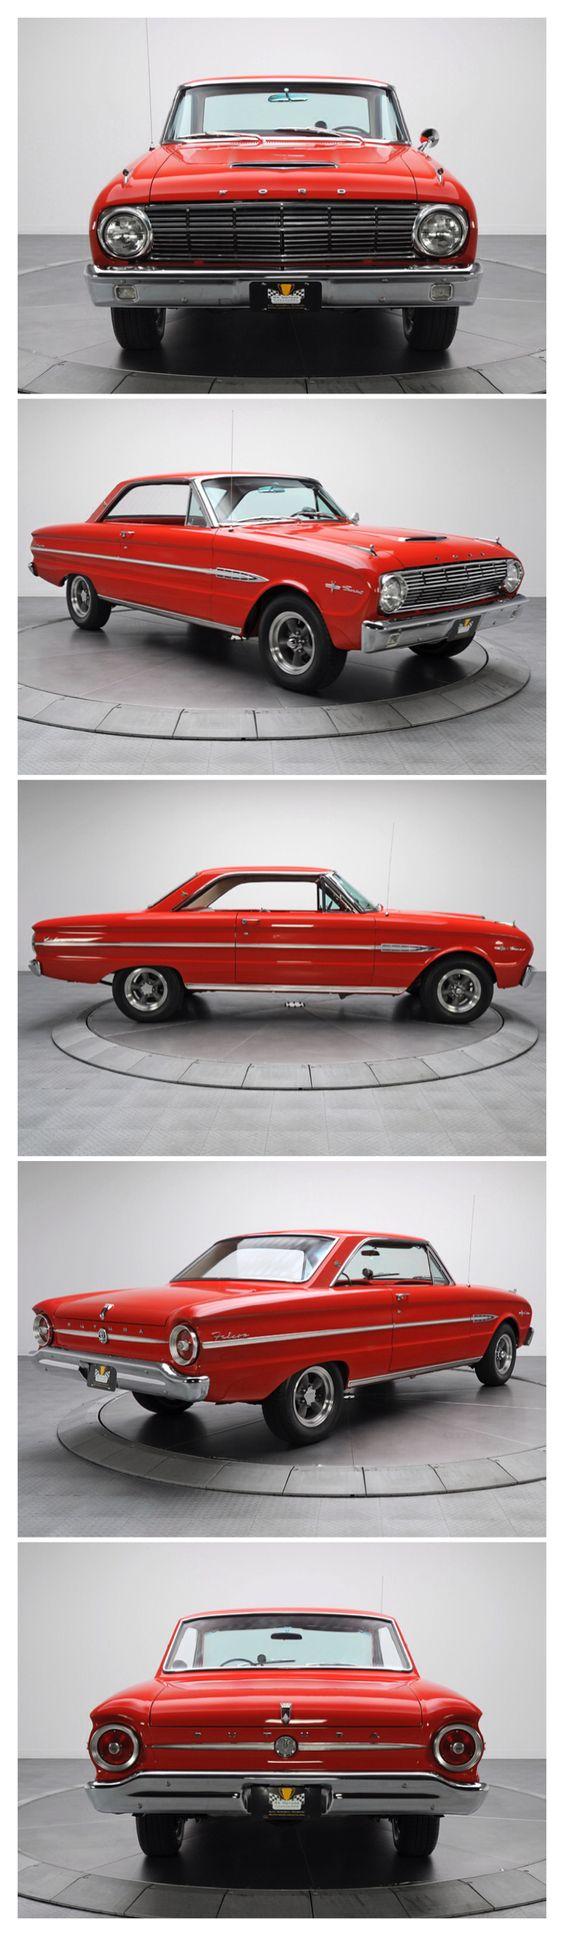 1963 Ford Falcon Futura Sprint